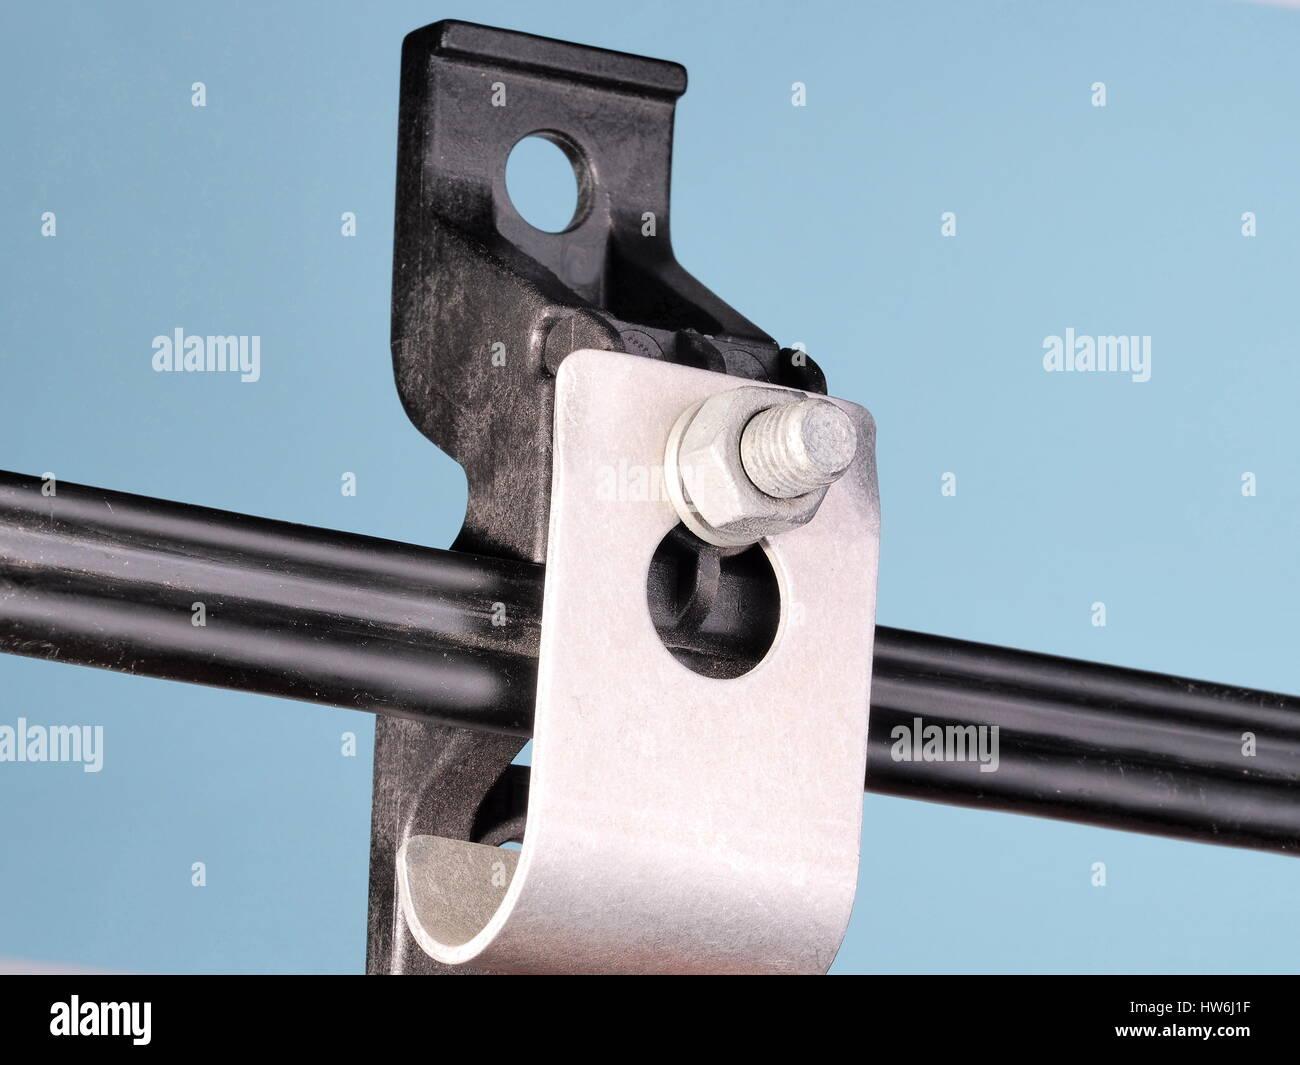 Wire Reinforced Stockfotos & Wire Reinforced Bilder - Alamy